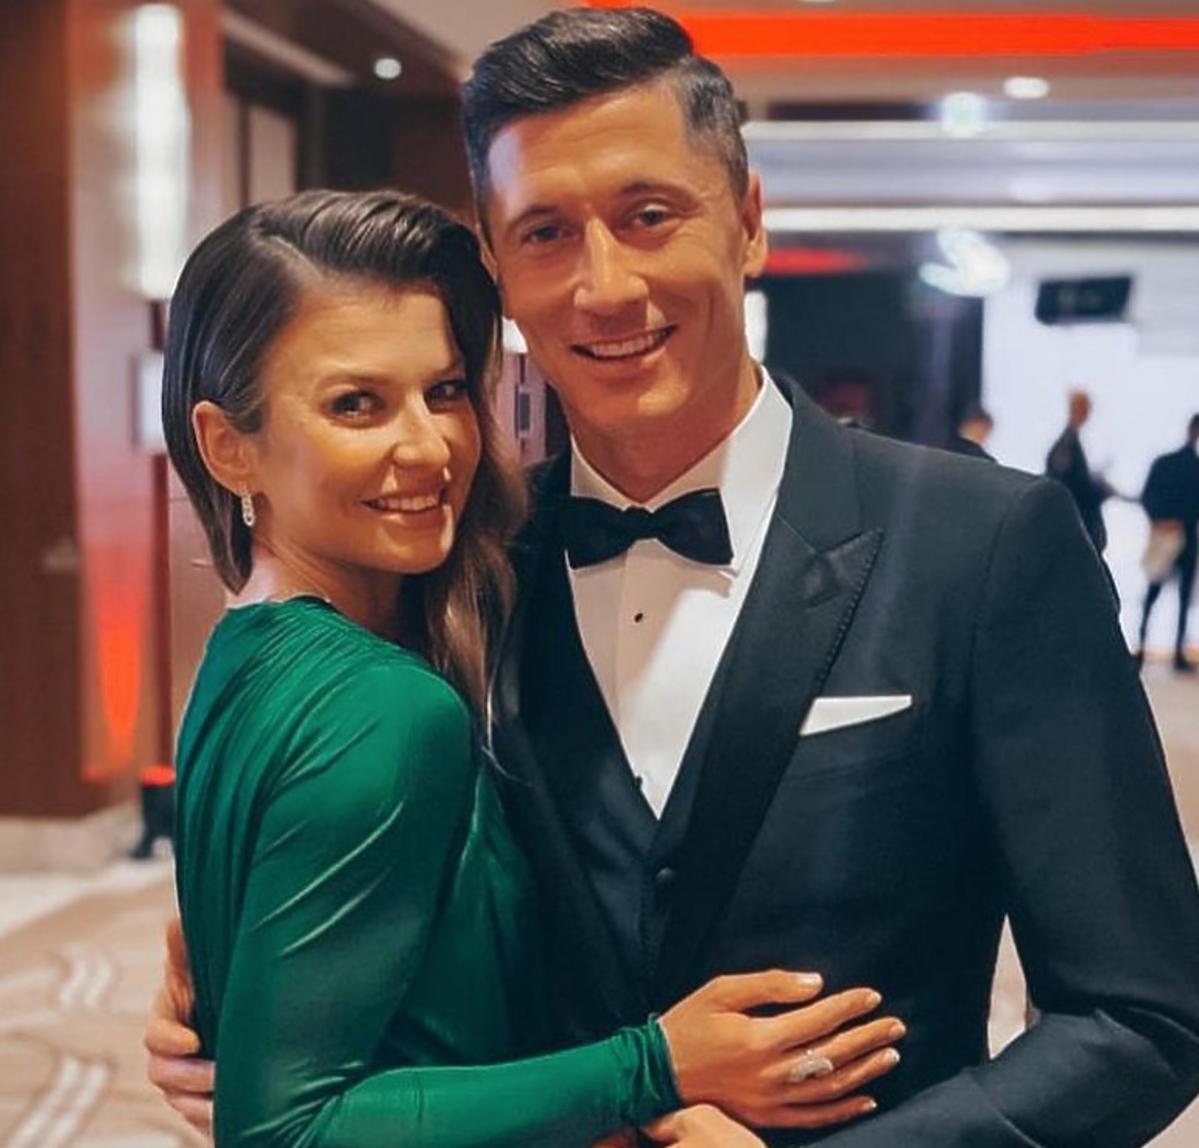 Anna Lewandowska w zielonej sukni i Robert Lewandowski w garniturze